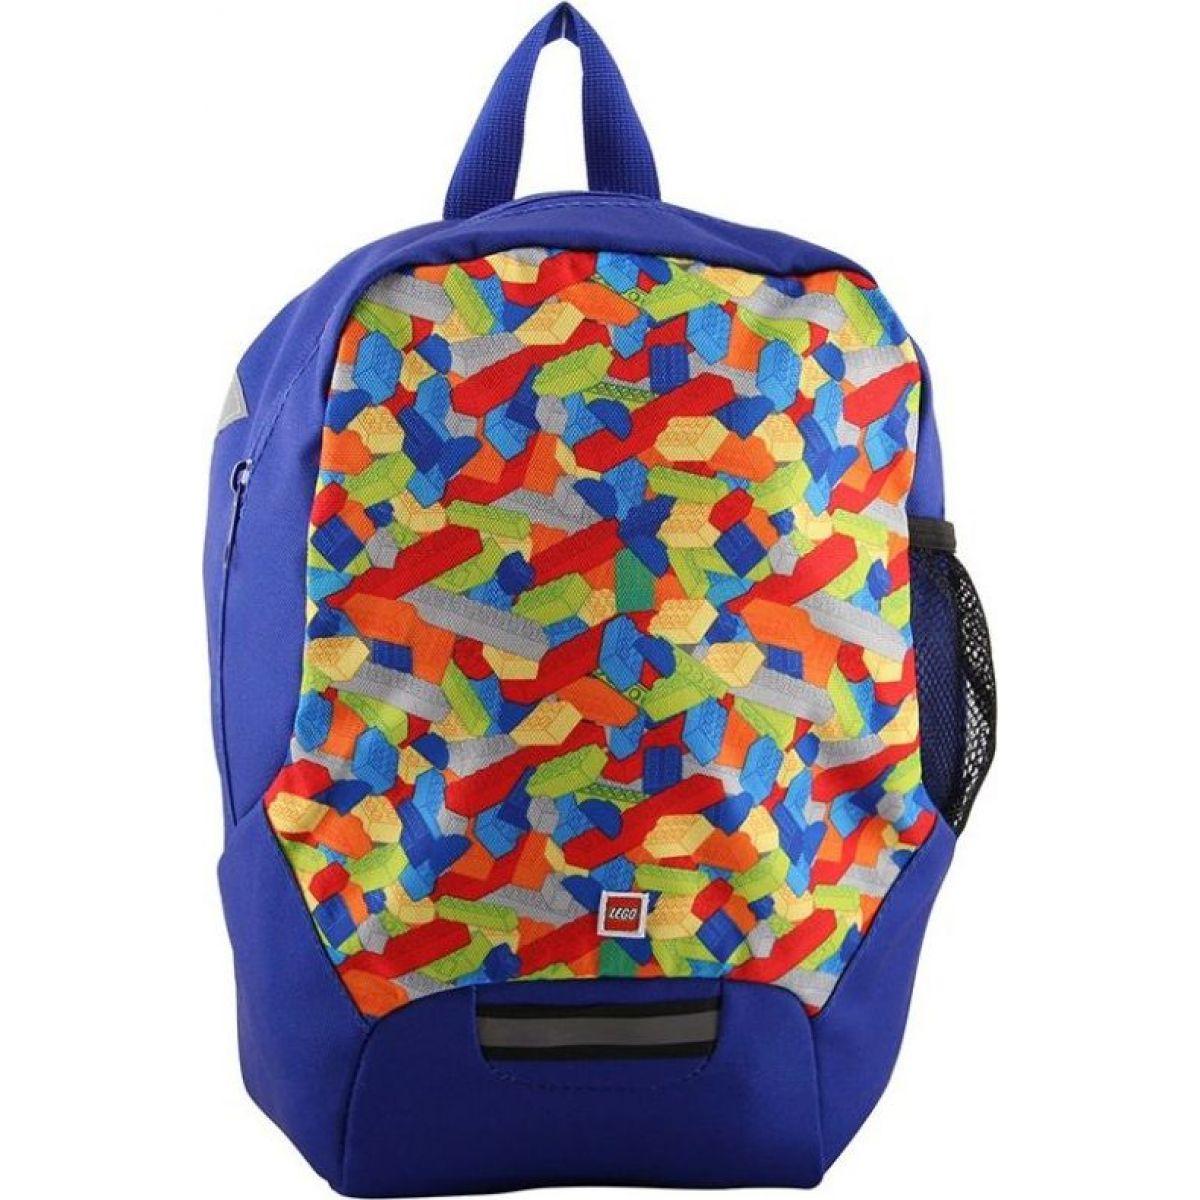 LEGO Bricks batoh do školky